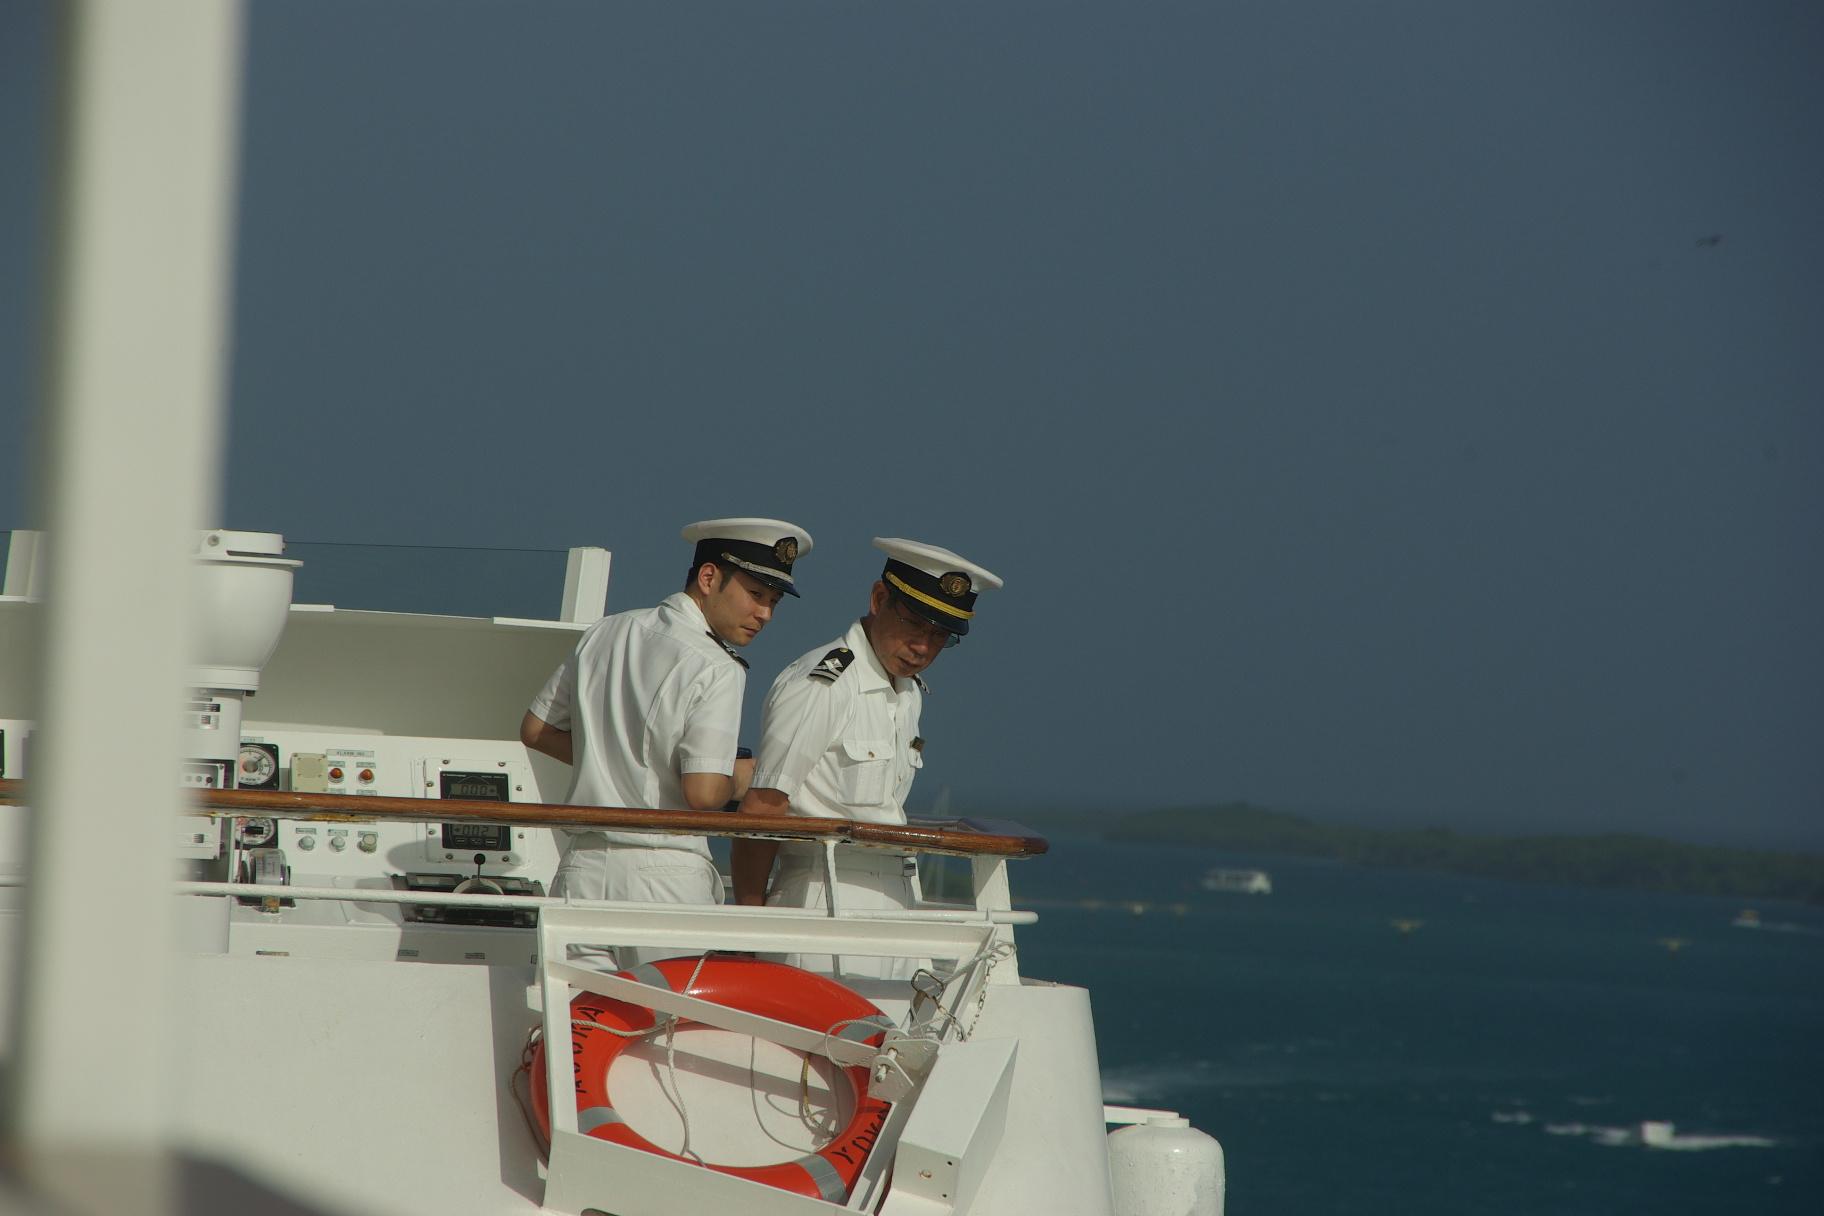 オランダ領アンティール諸島アルーバ-4 つけたし!  Antilles Aruba-4 Additional Pieces about Aruba _e0140365_236446.jpg